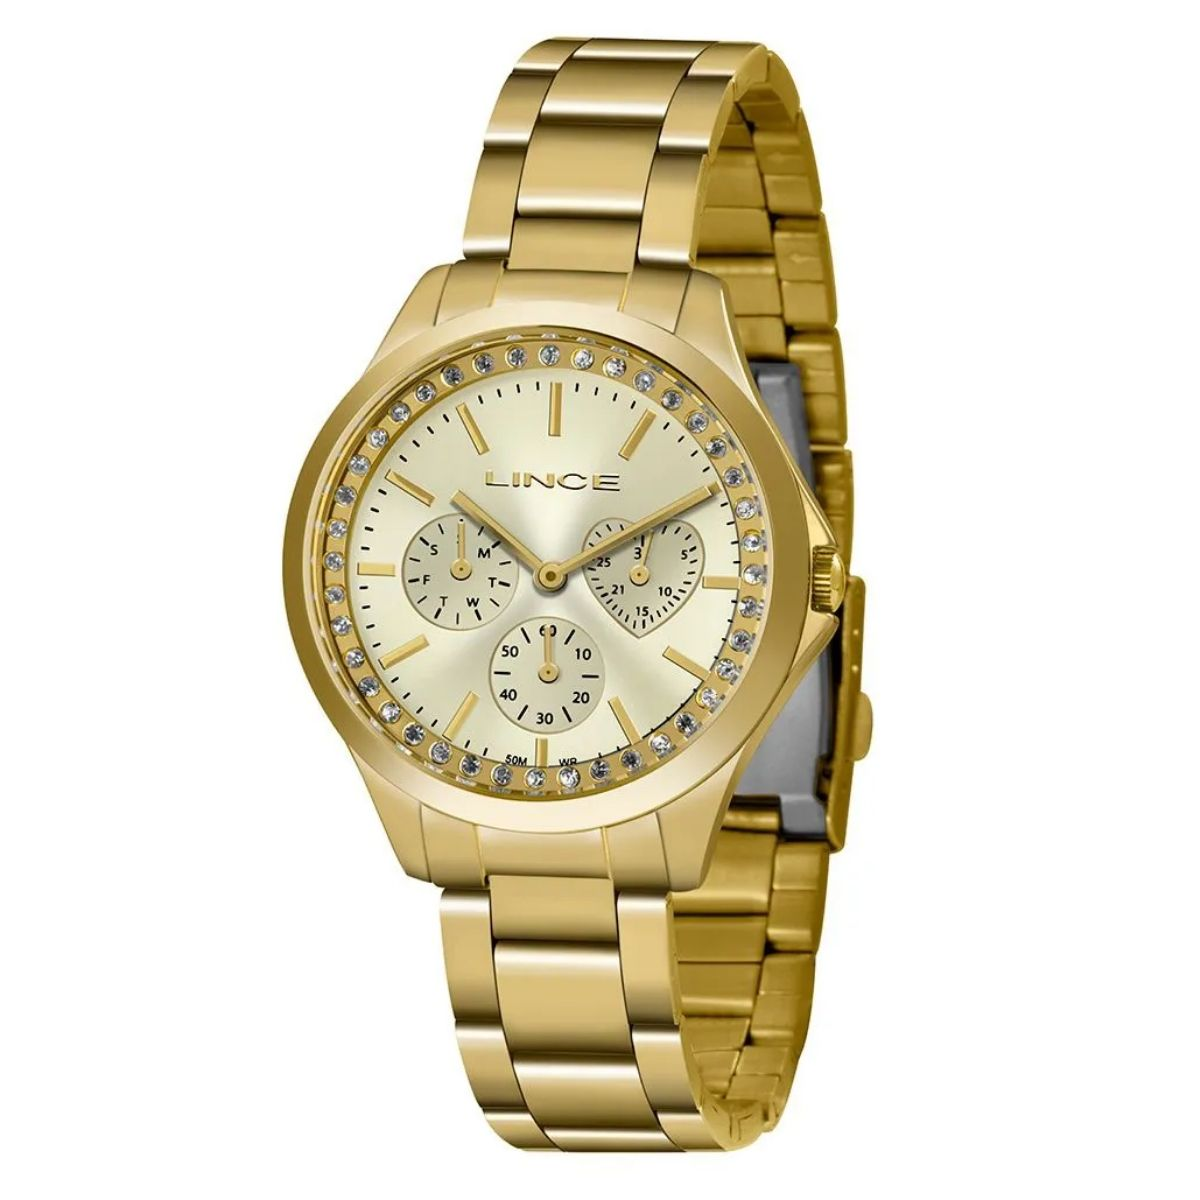 Relógio Feminino Lince Dourado LMGH117L